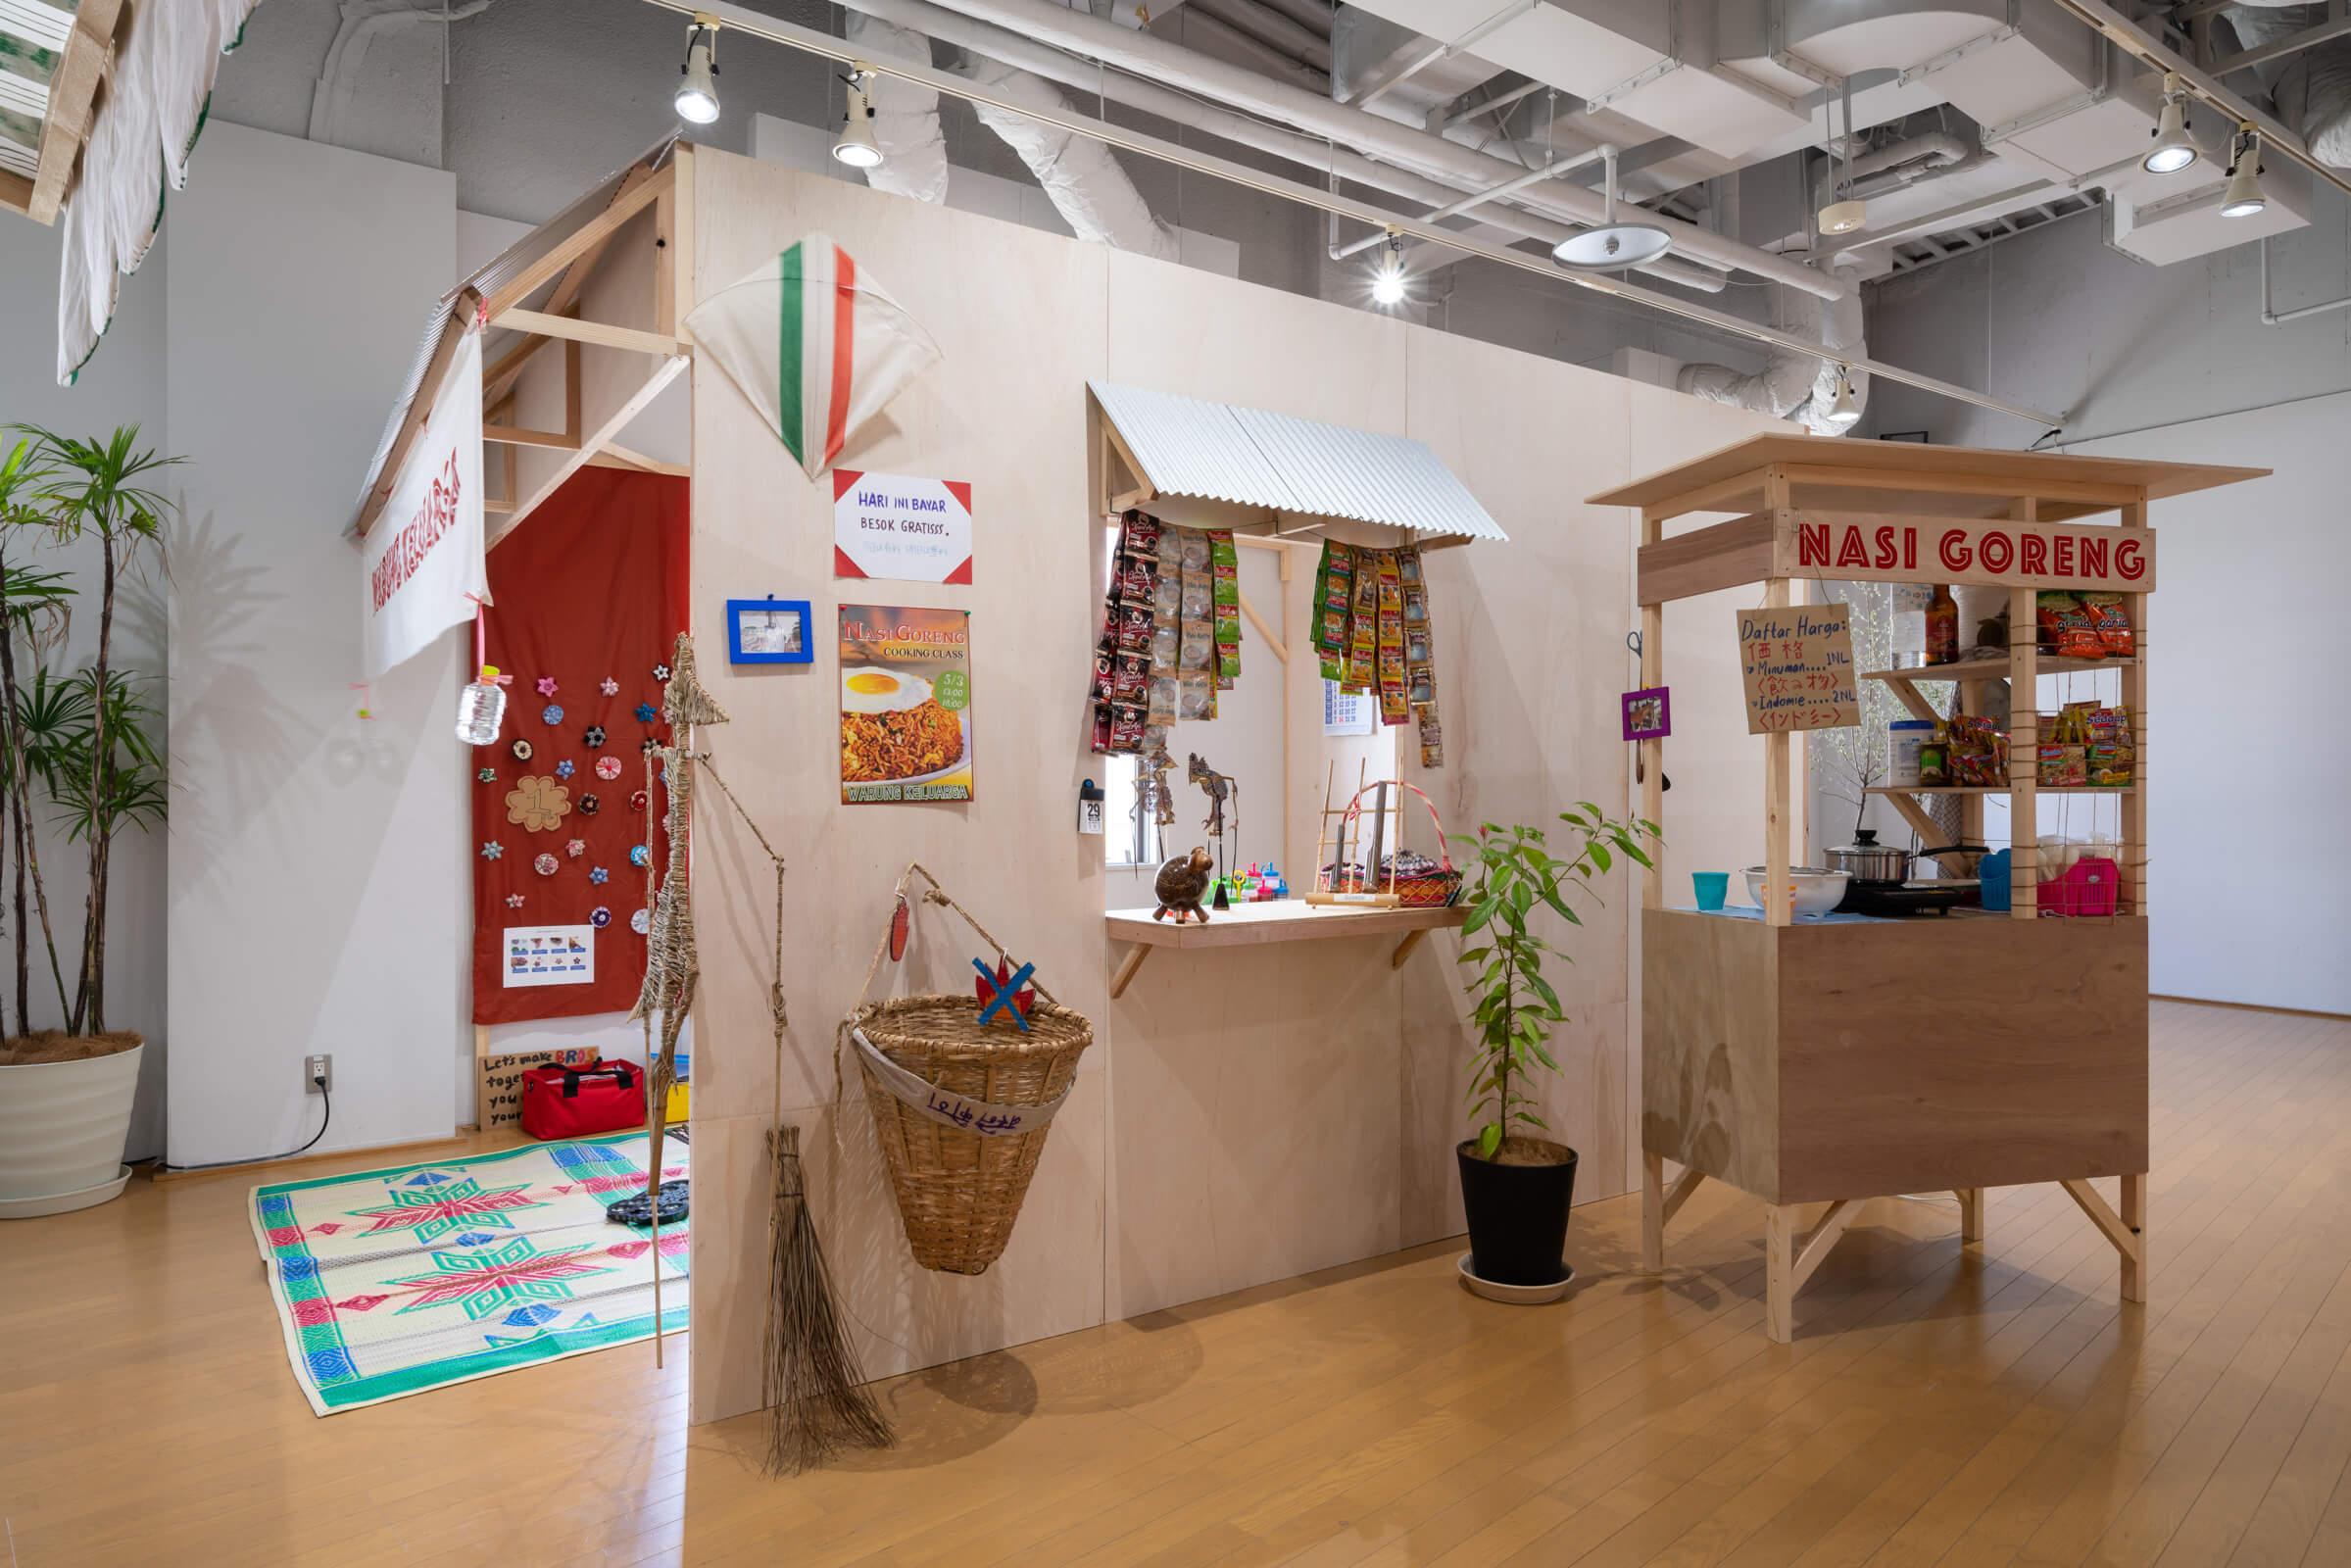 北澤展会期スタート風景 現代美術・アート Contemporary Art オフソサエティ offsociety